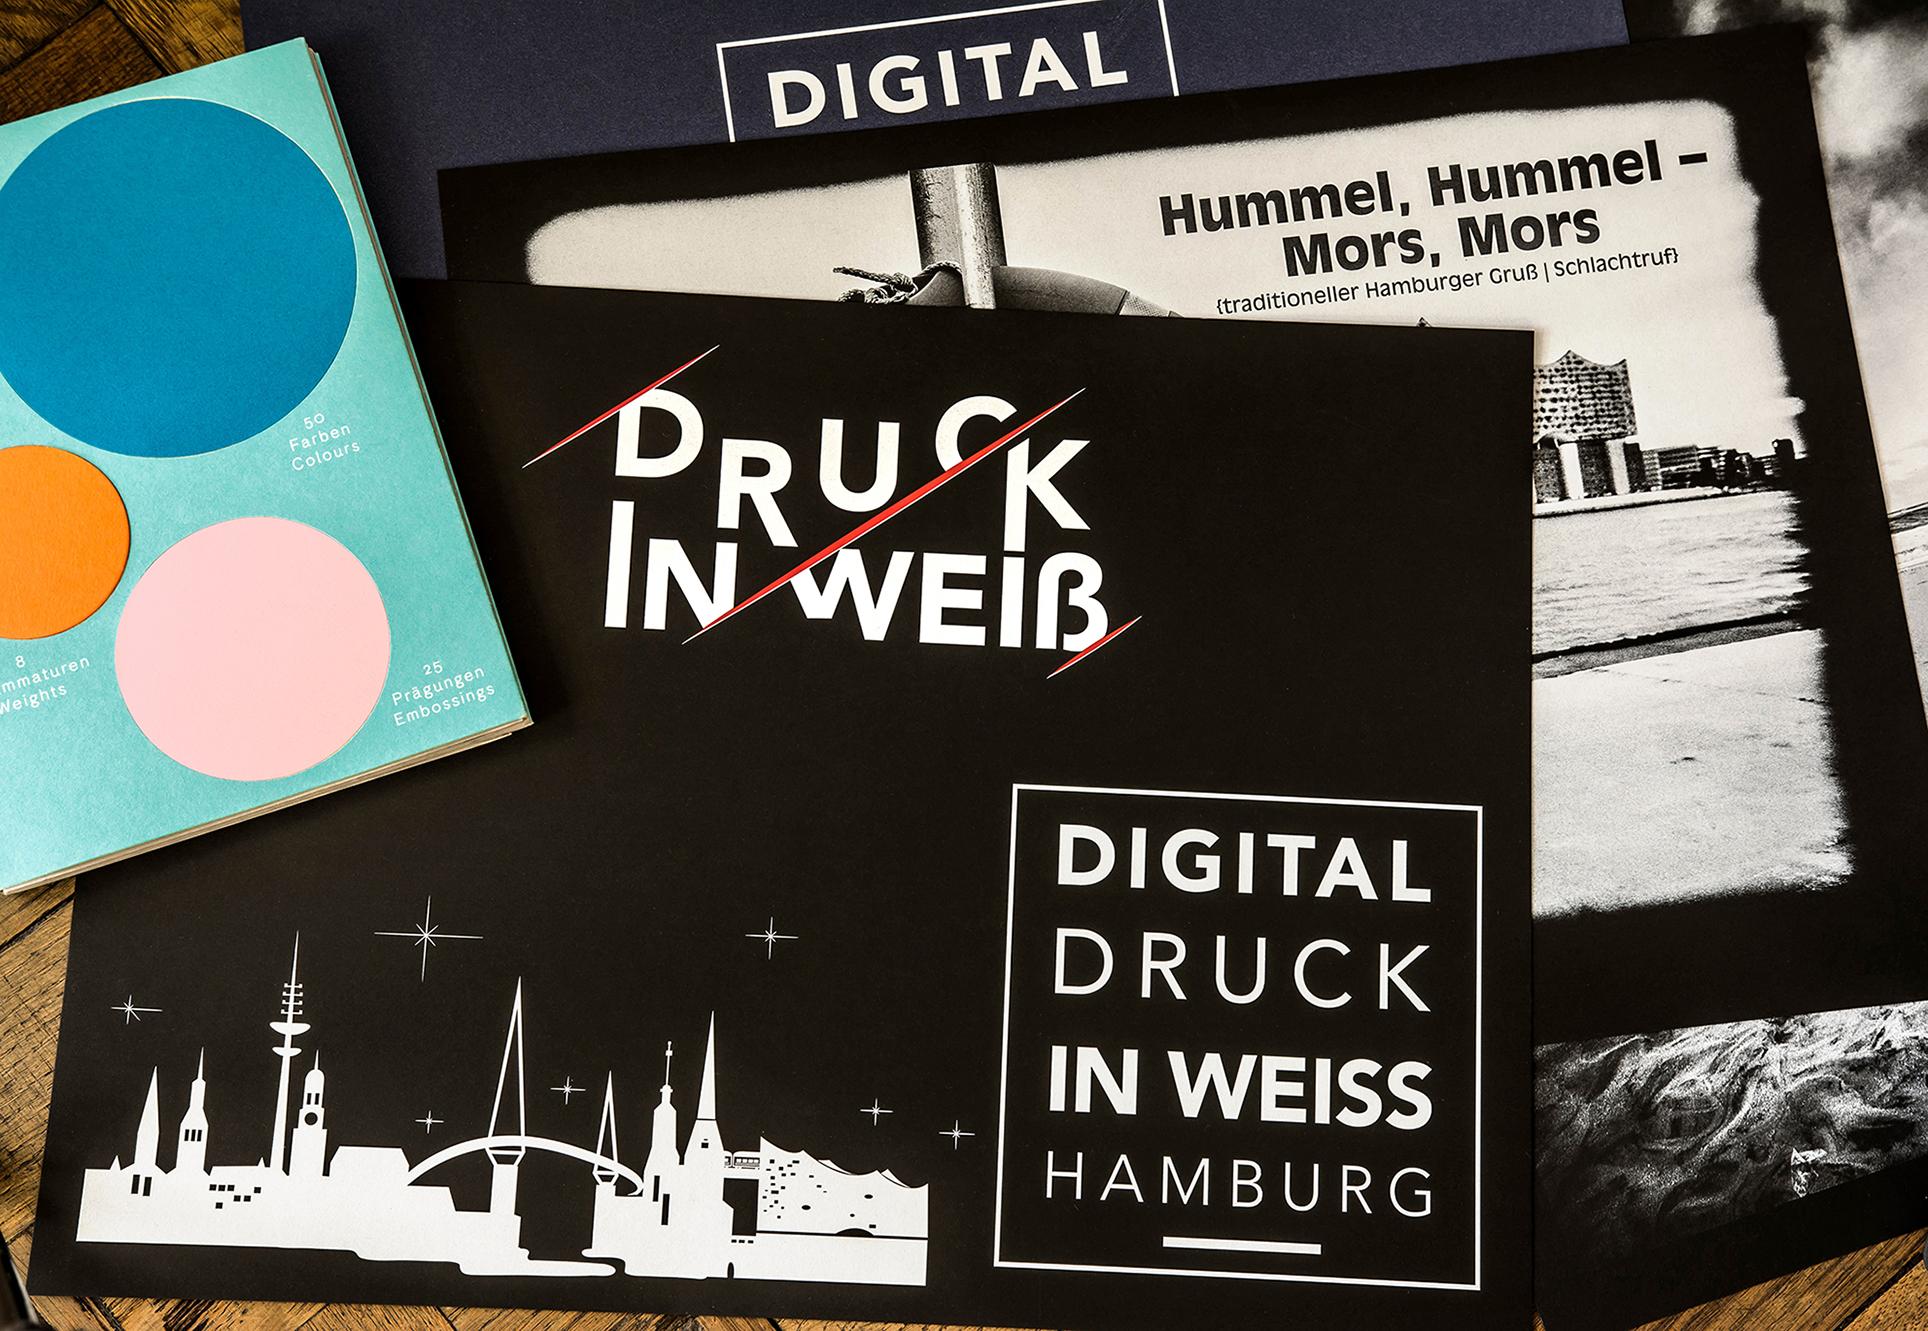 Druckprodukte im Digitaldruck auf feinsten Papiersorten